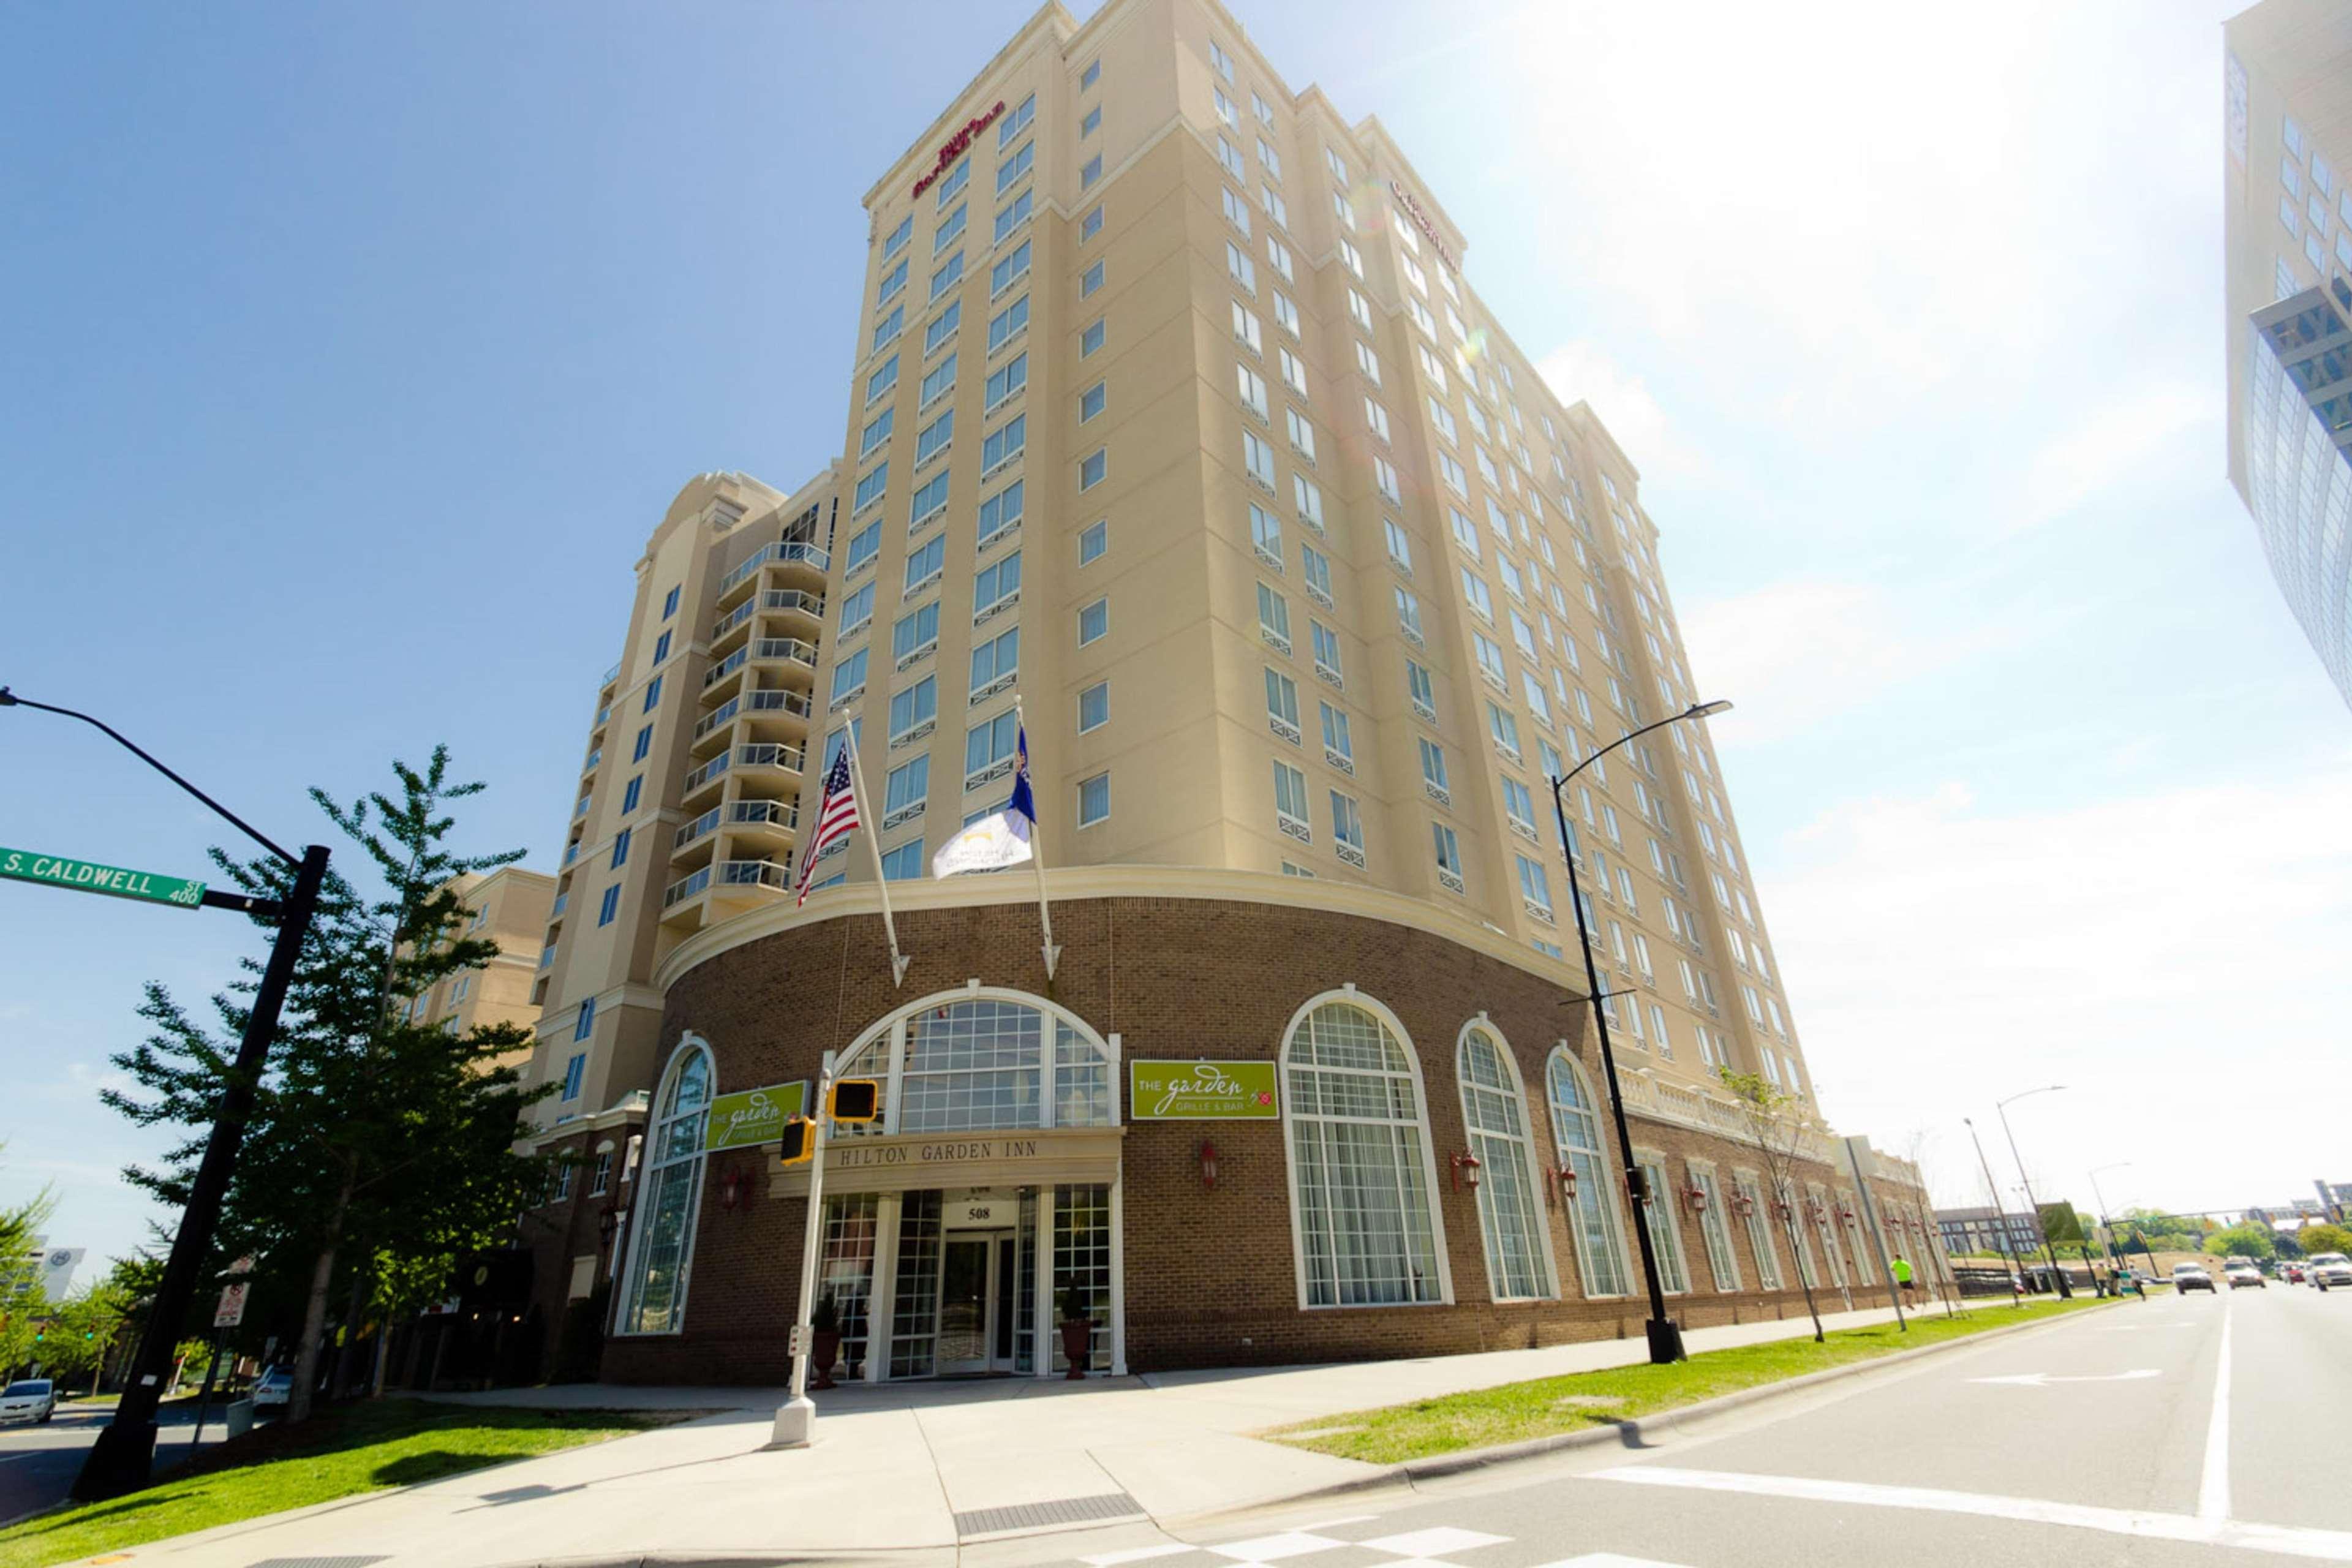 Charlotte Nc Hotels Motels